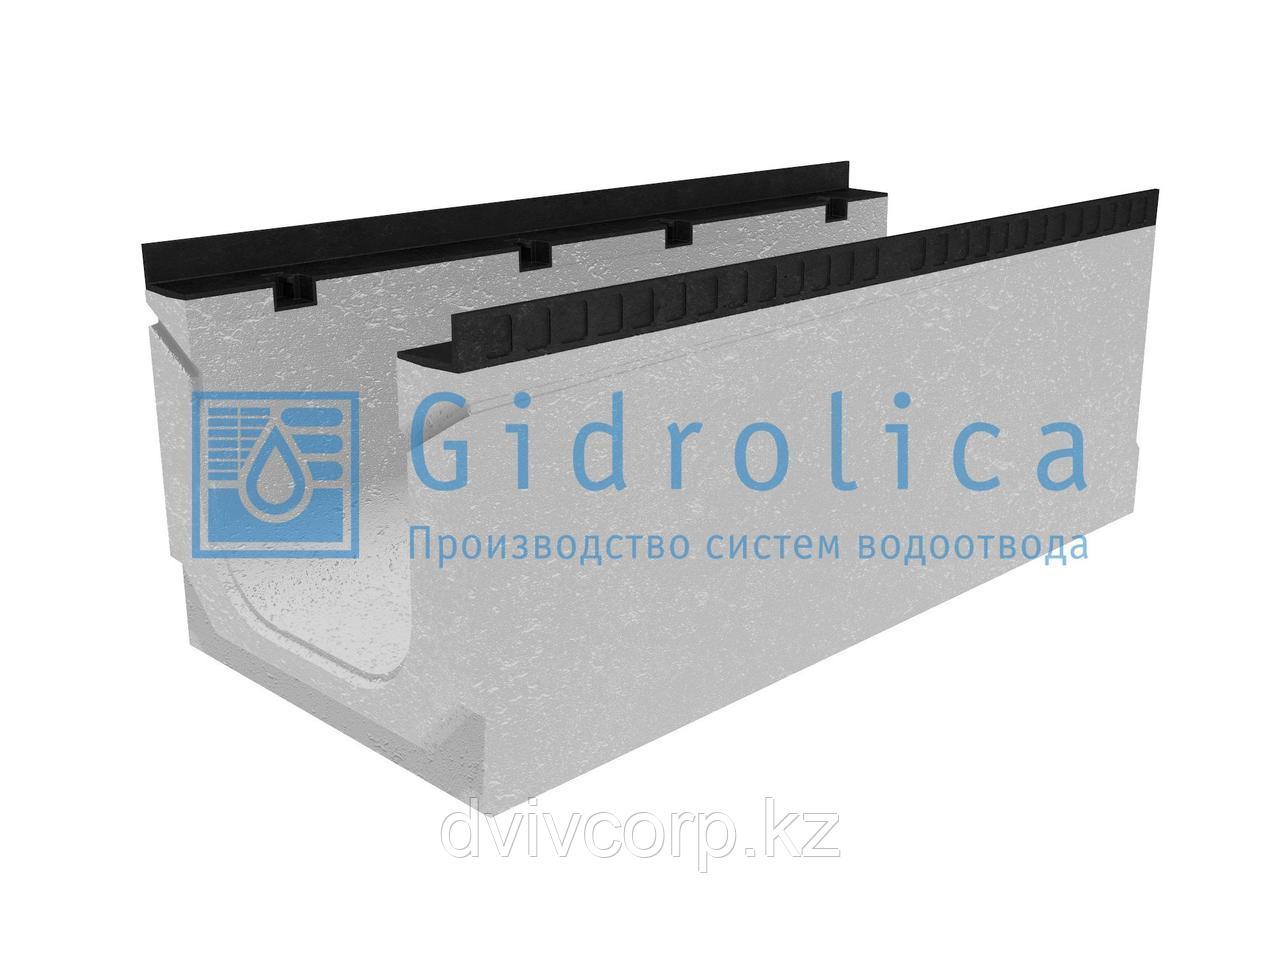 Лоток водоотводный бетонный коробчатый (СО-300мм), с уклоном 0,5%  КПу 100.44(30).38,5(31,5) - BGМ-F, № 15